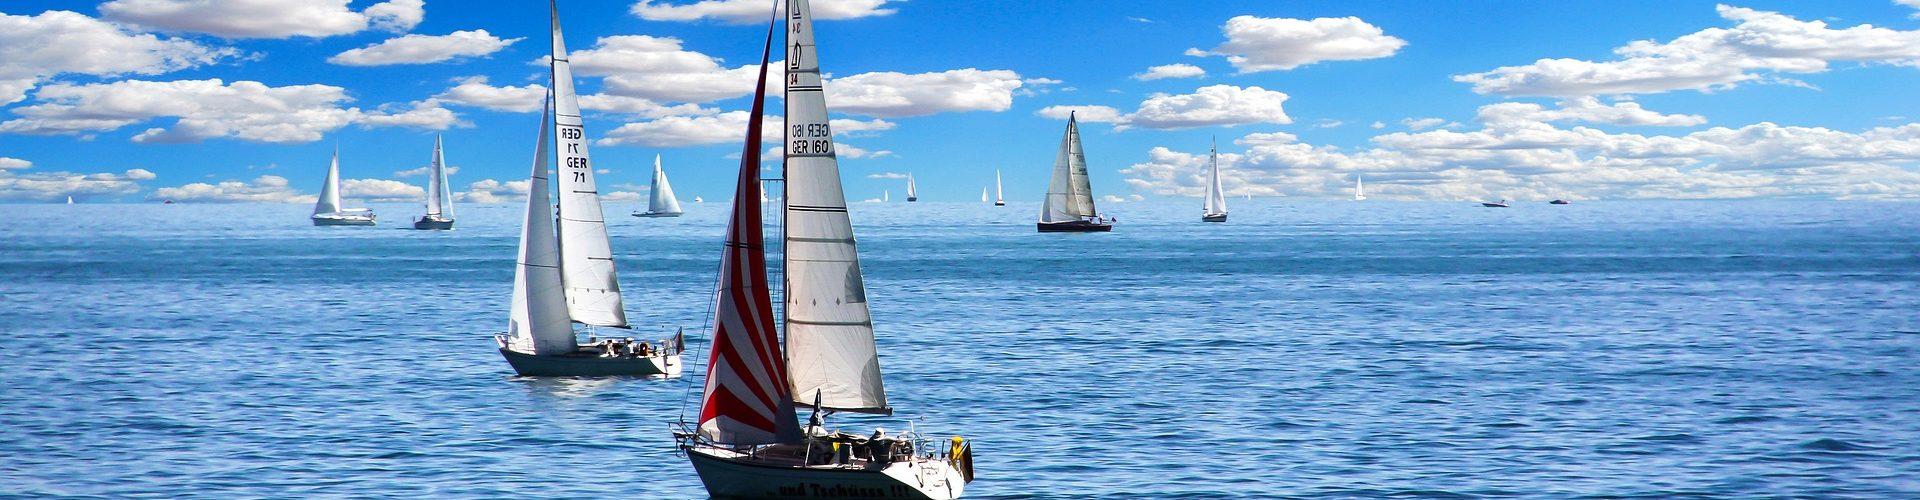 segeln lernen in Bad Kissingen segelschein machen in Bad Kissingen 1920x500 - Segeln lernen in Bad Kissingen